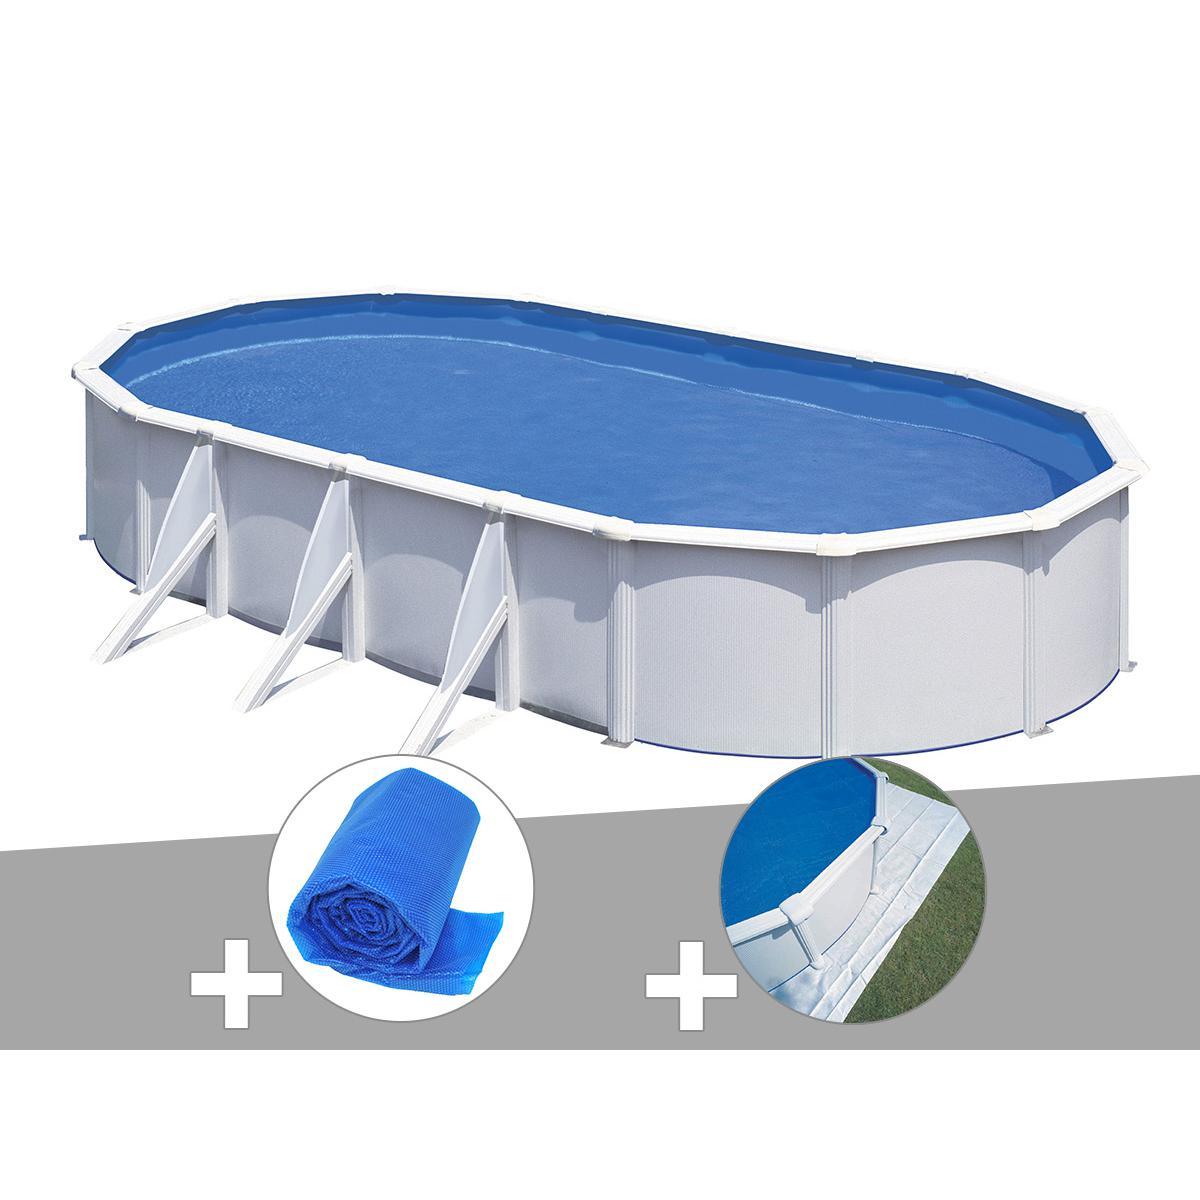 Gre Kit piscine acier blanc Gré Fidji ovale 5,27 x 3,27 x 1,22 m + Bâche à bulles + Tapis de sol